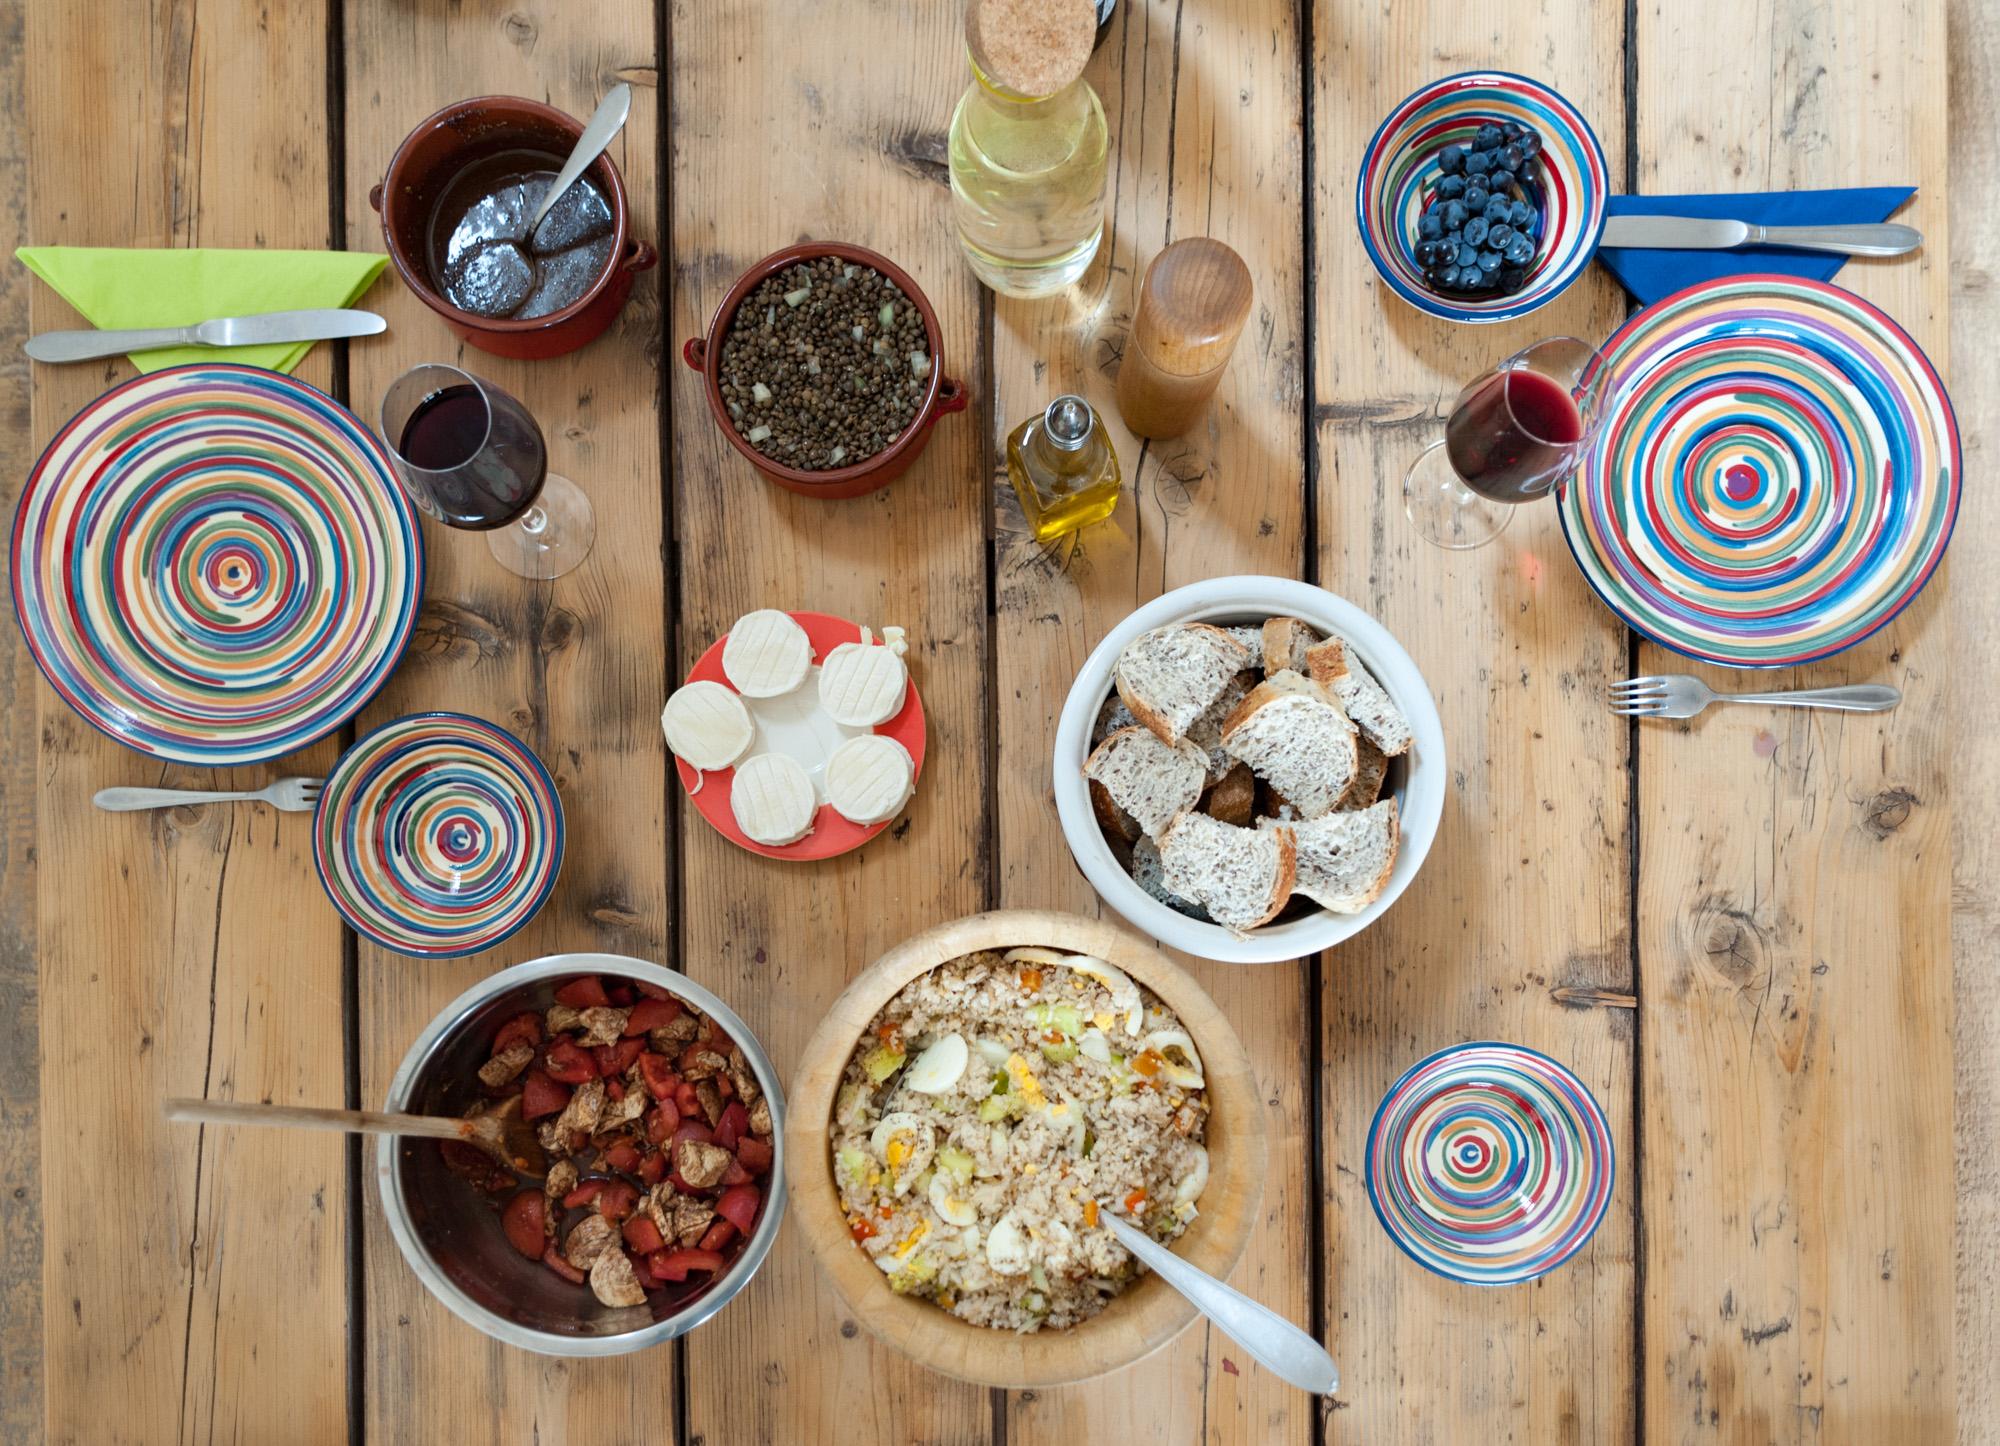 veggy-food-on-table.jpg